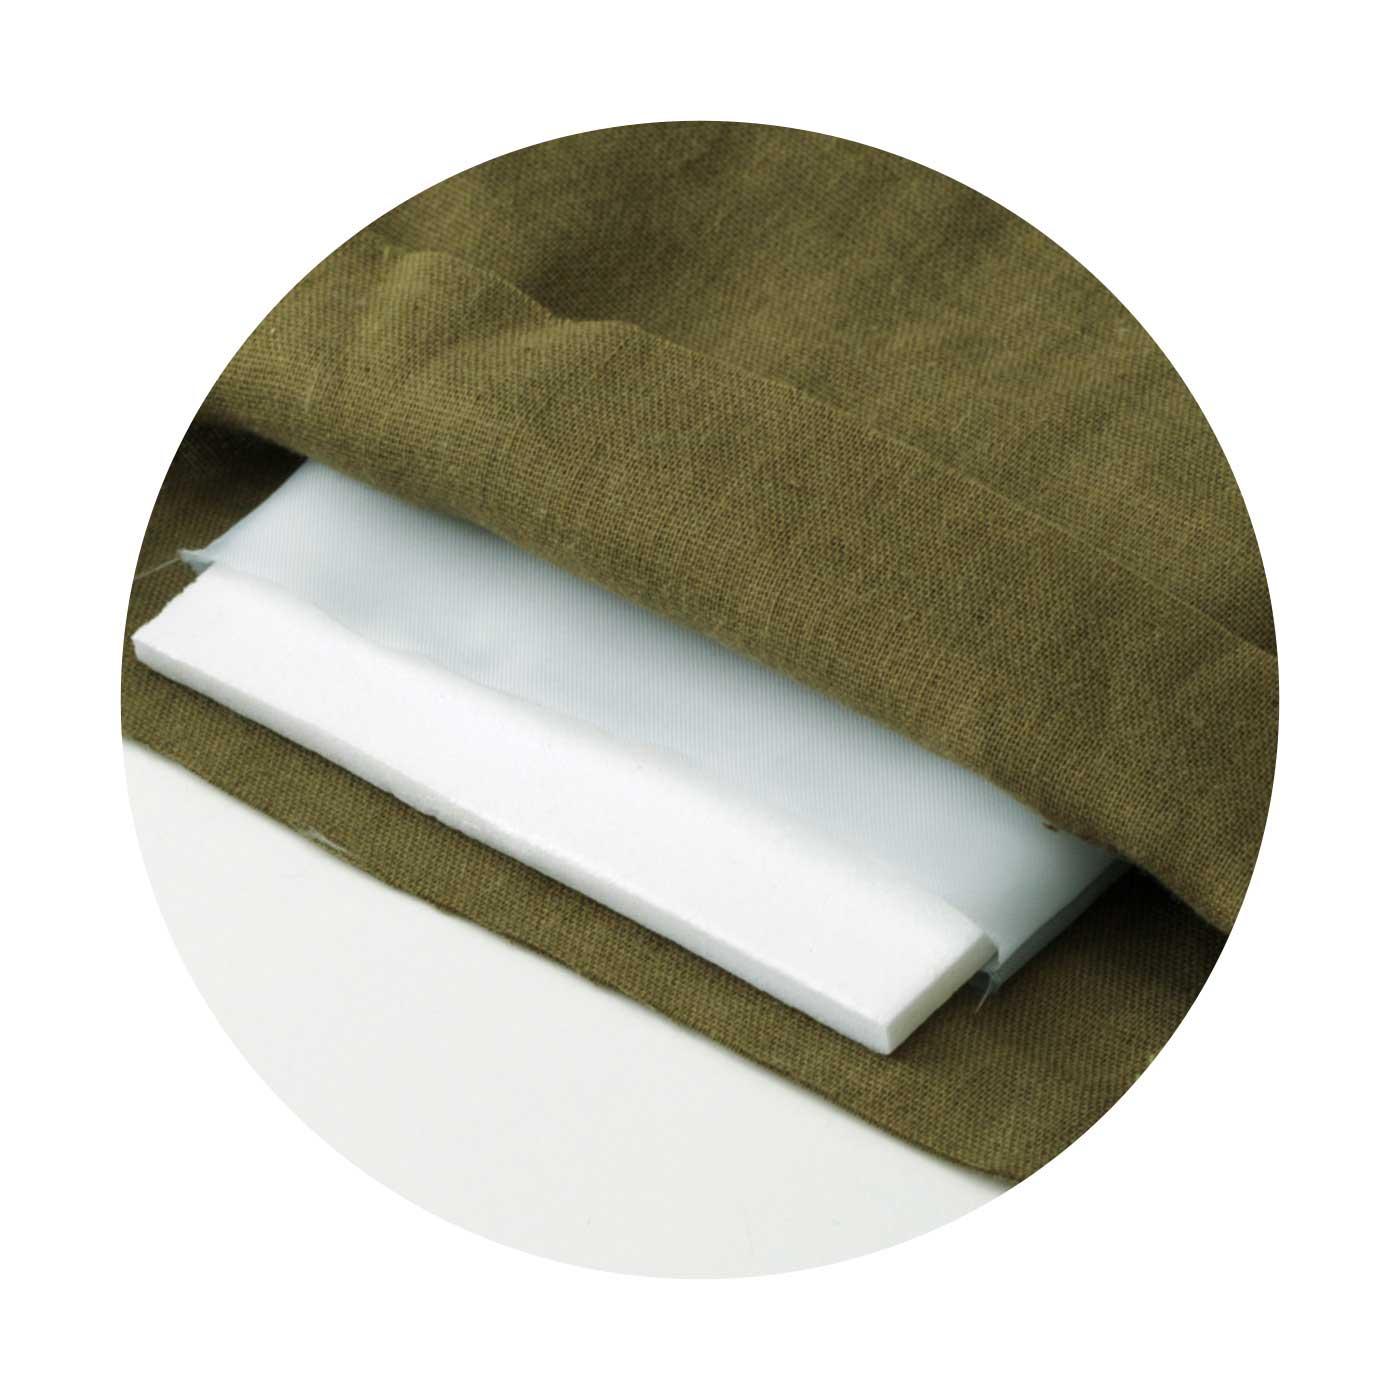 板状のウレタンしん材をガーゼ素材で包んでいます。